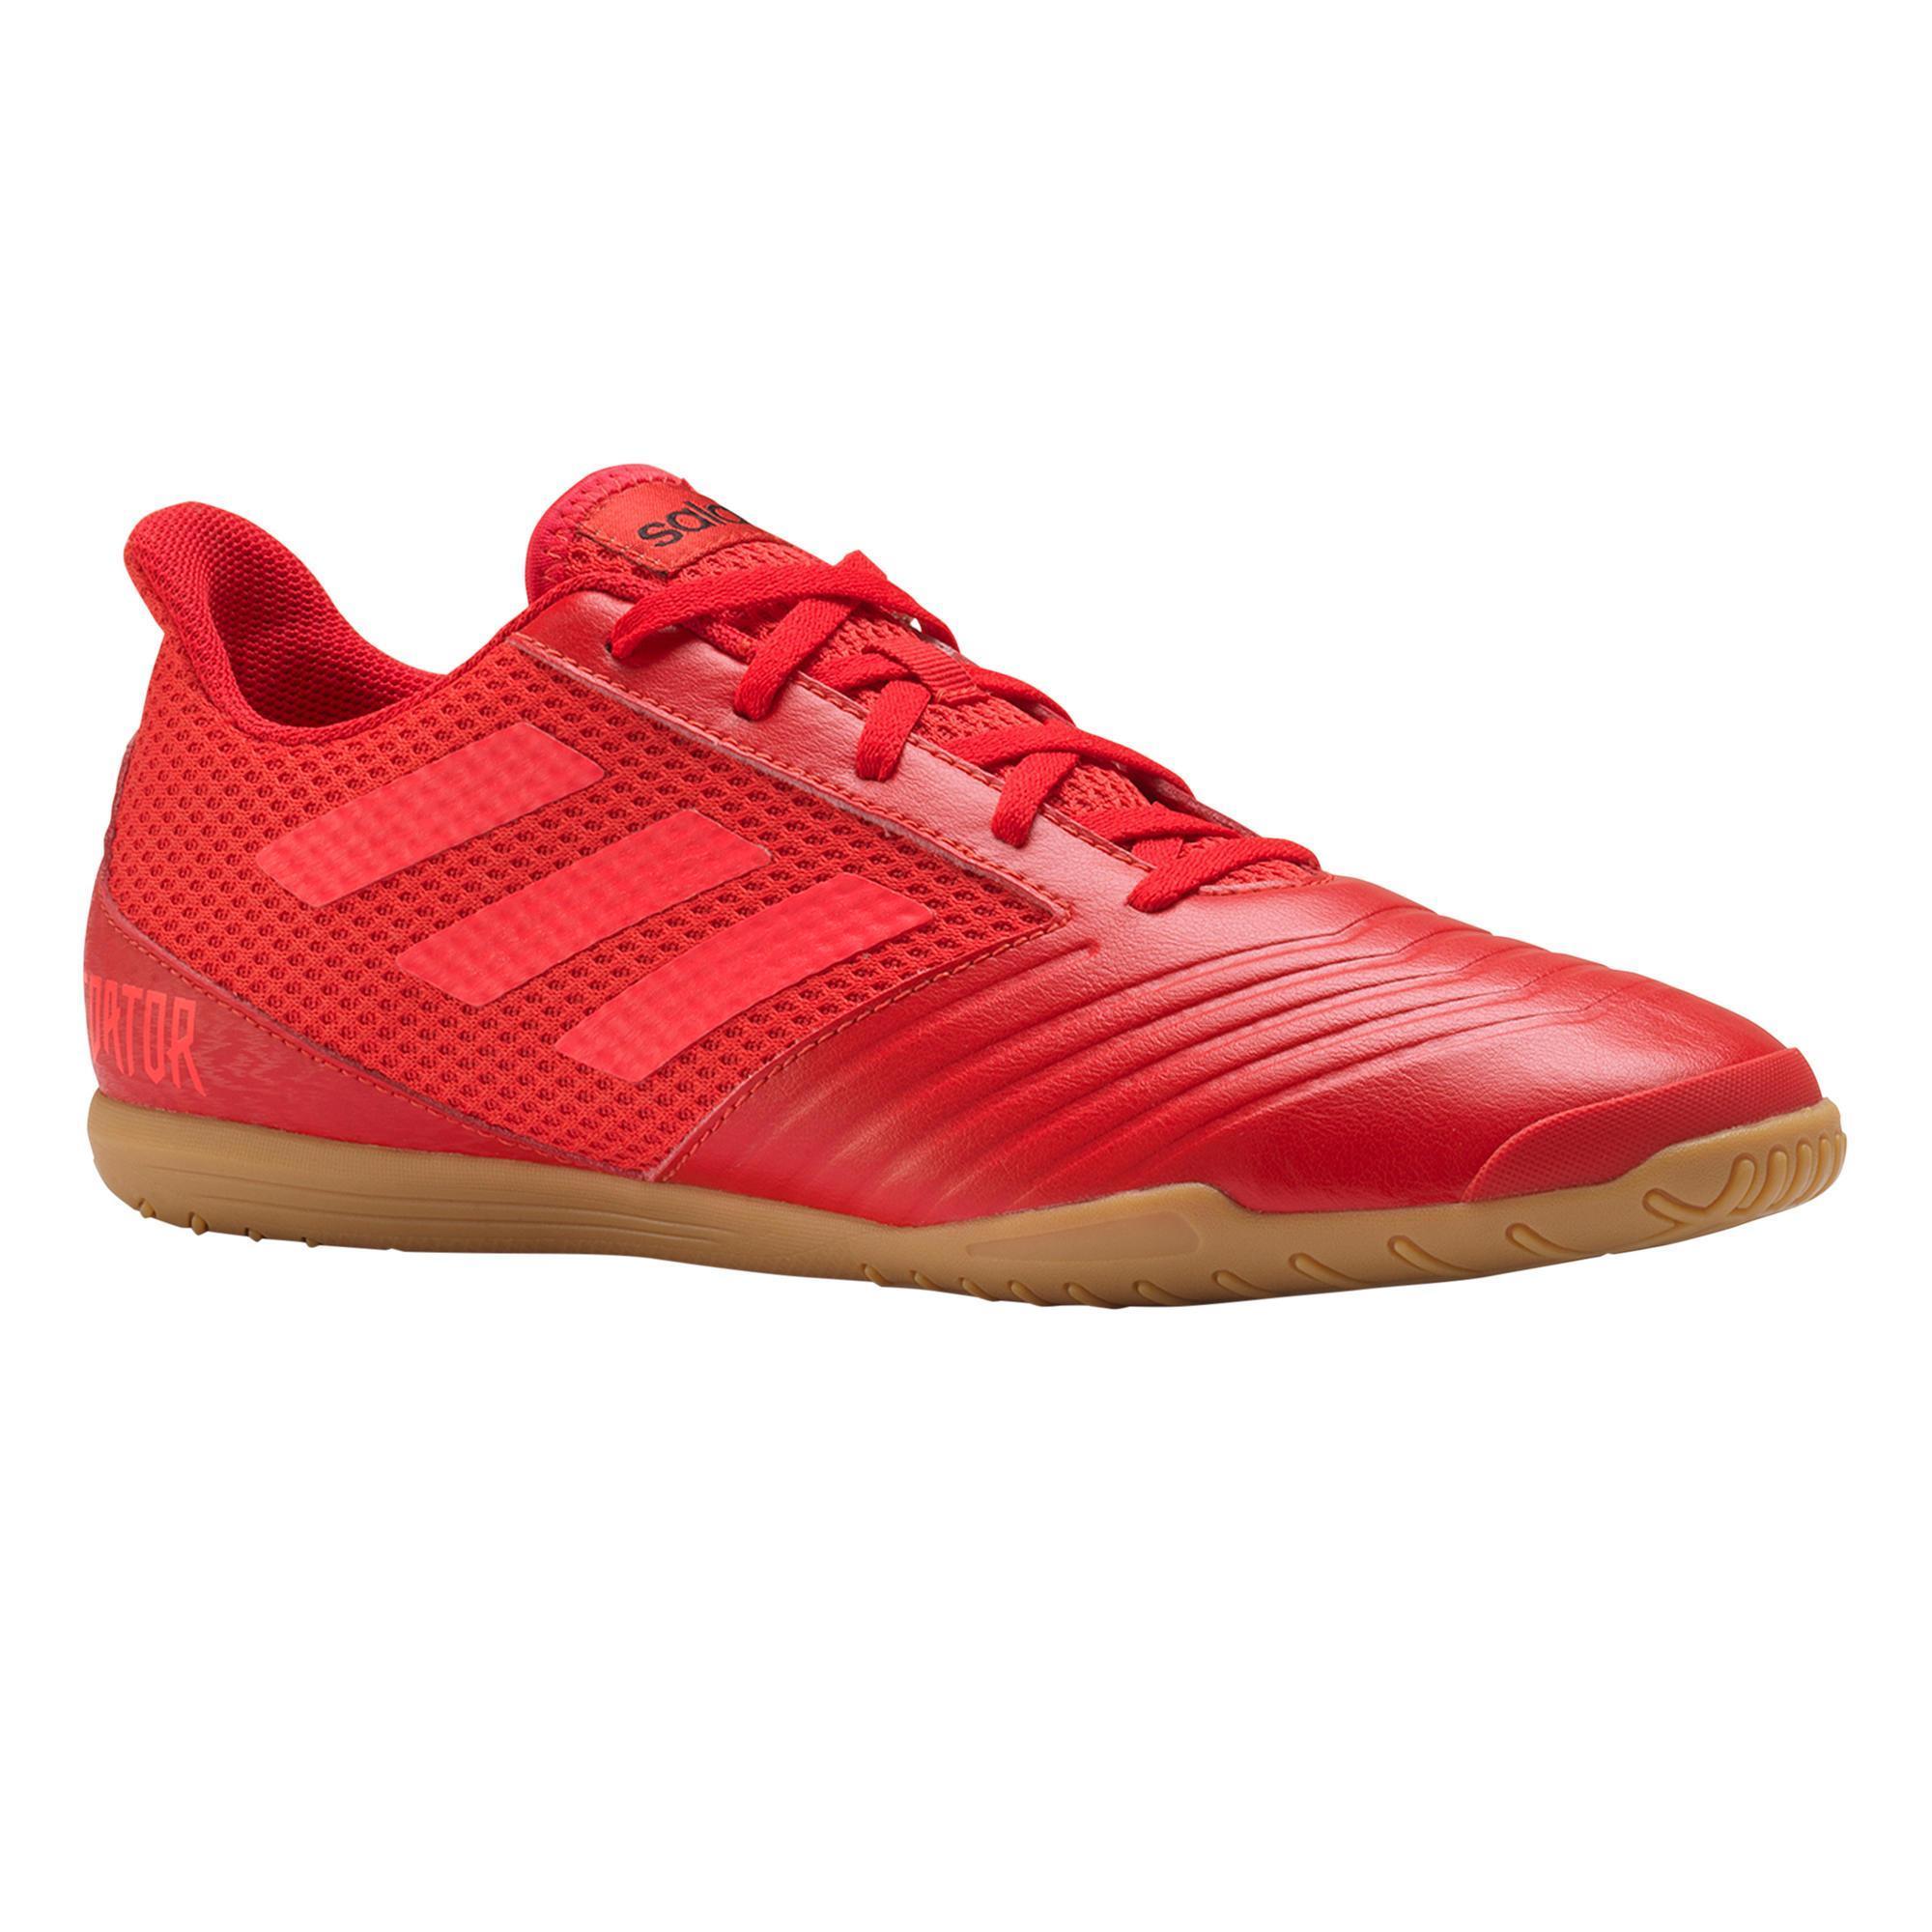 075c91cdd488c Comprar Zapatillas de Fútbol Sala online